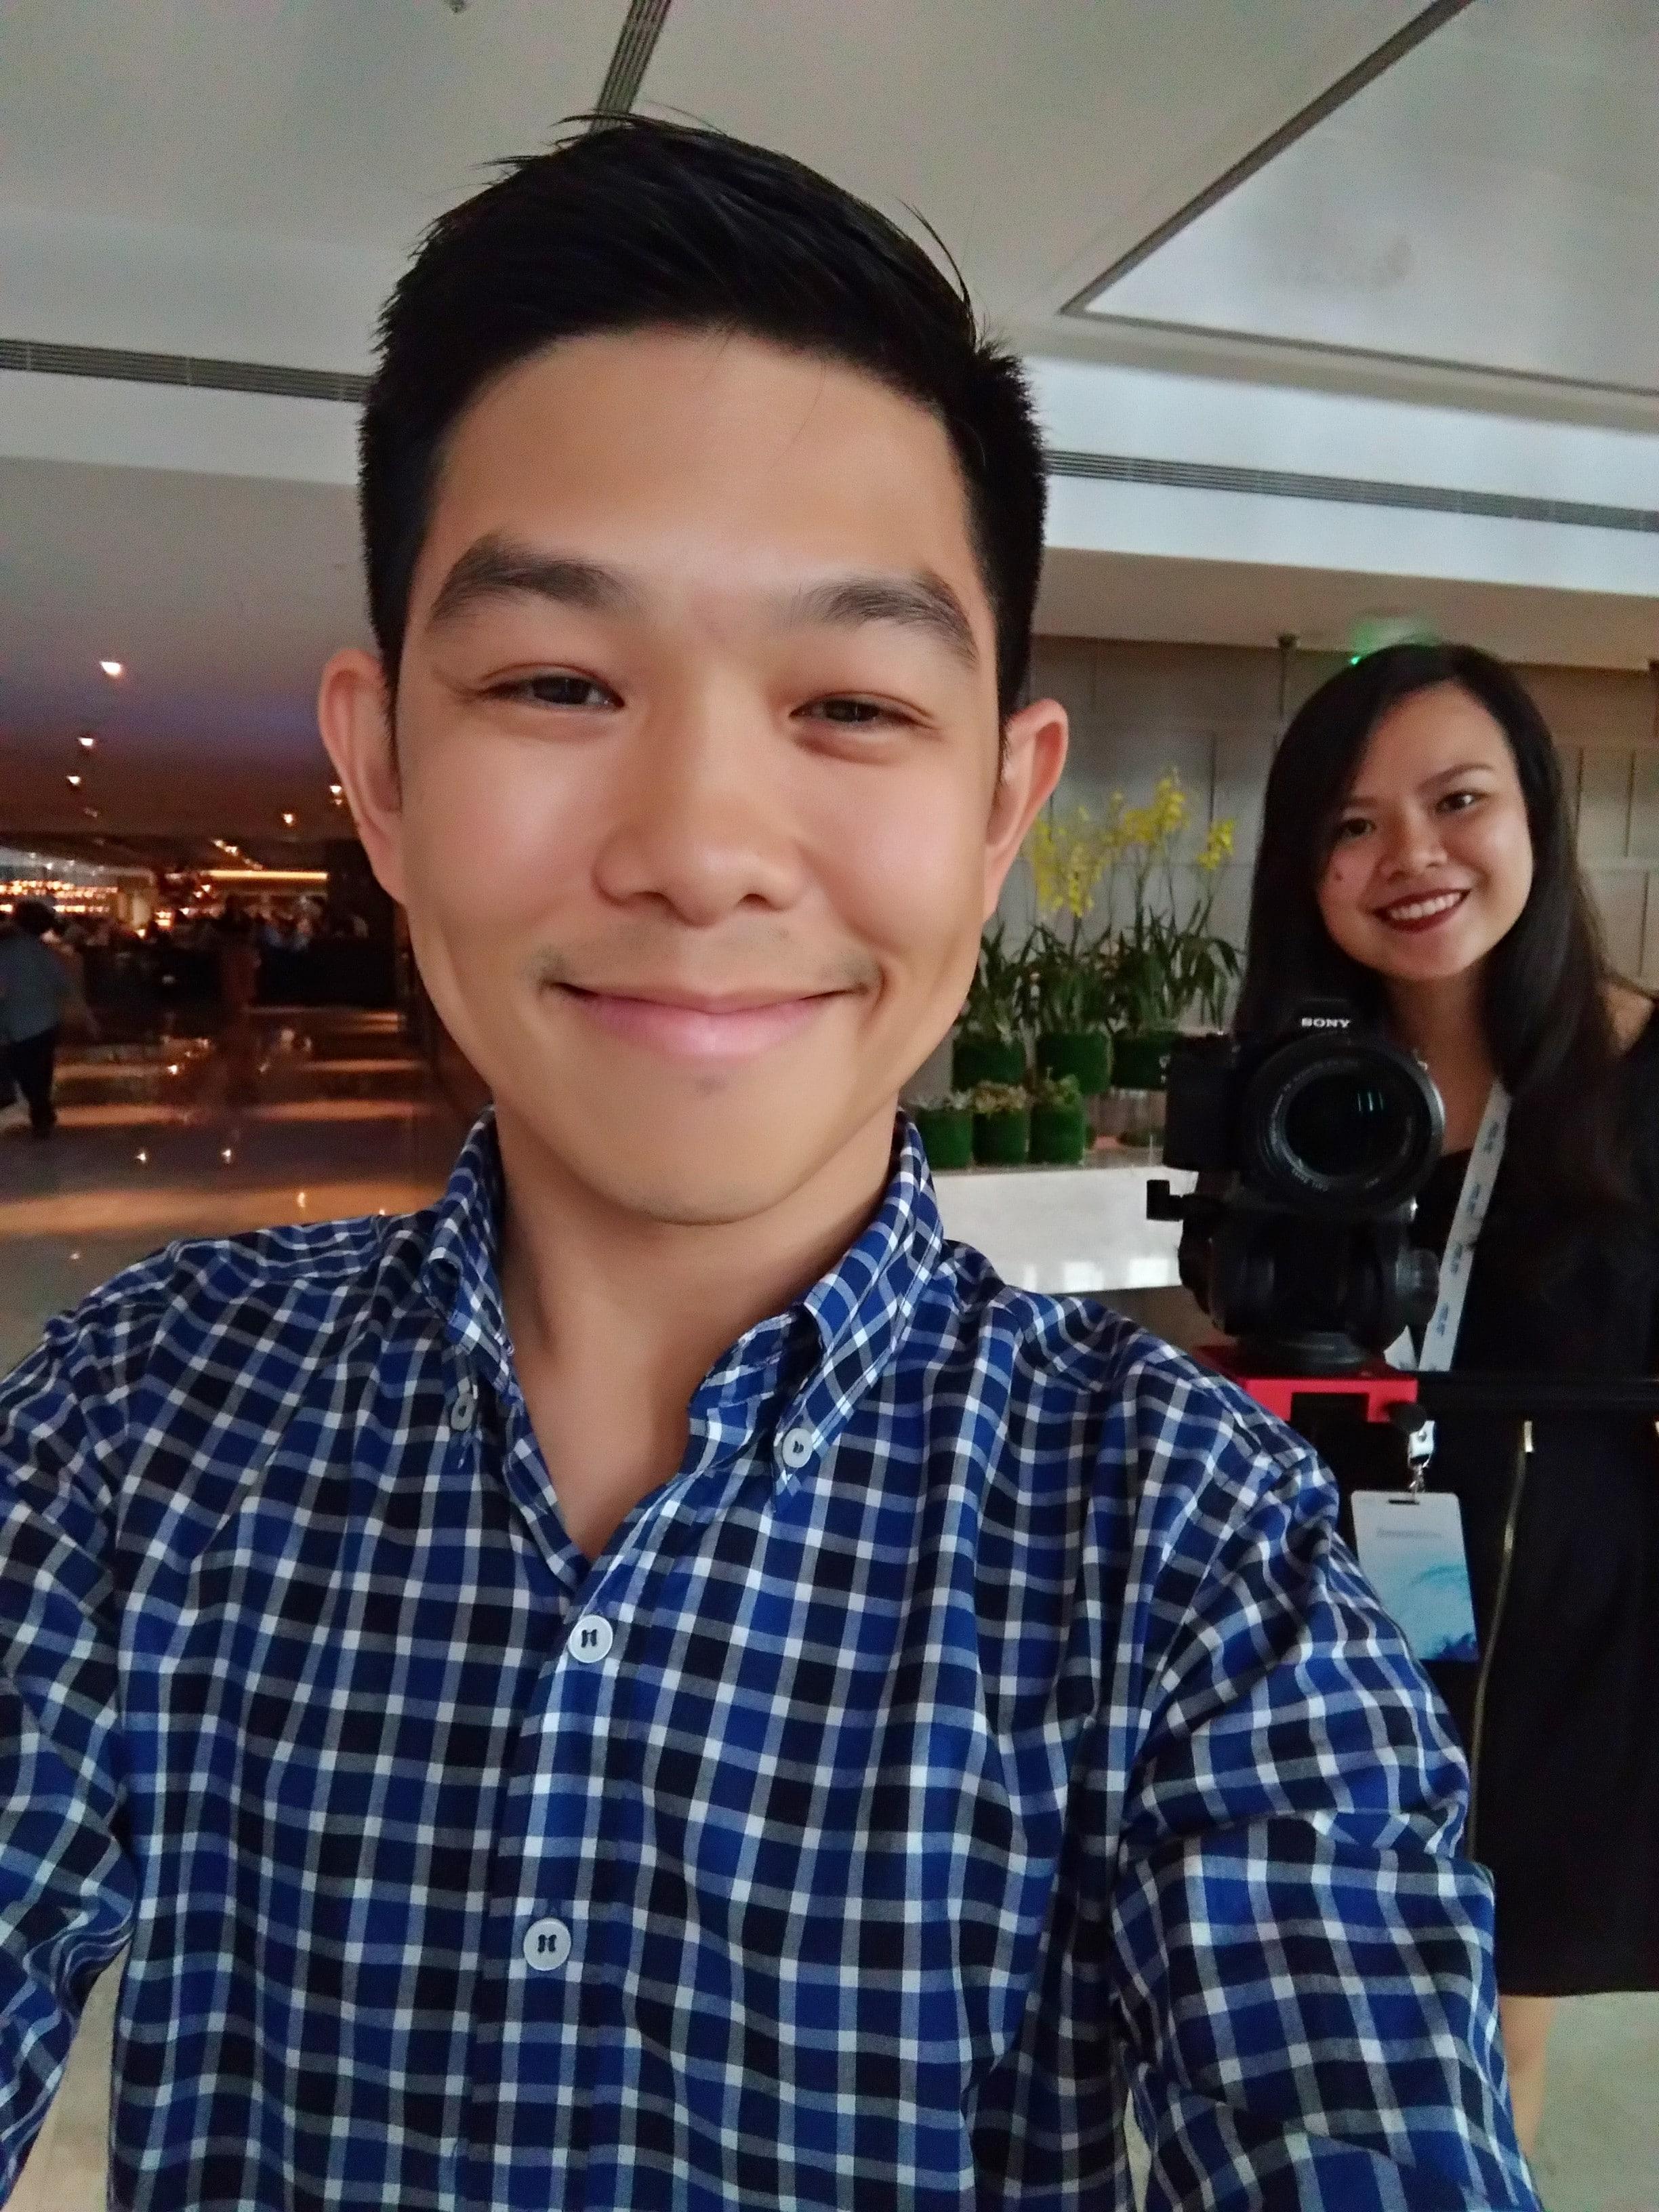 asus-zenfone-3-sample-selfie